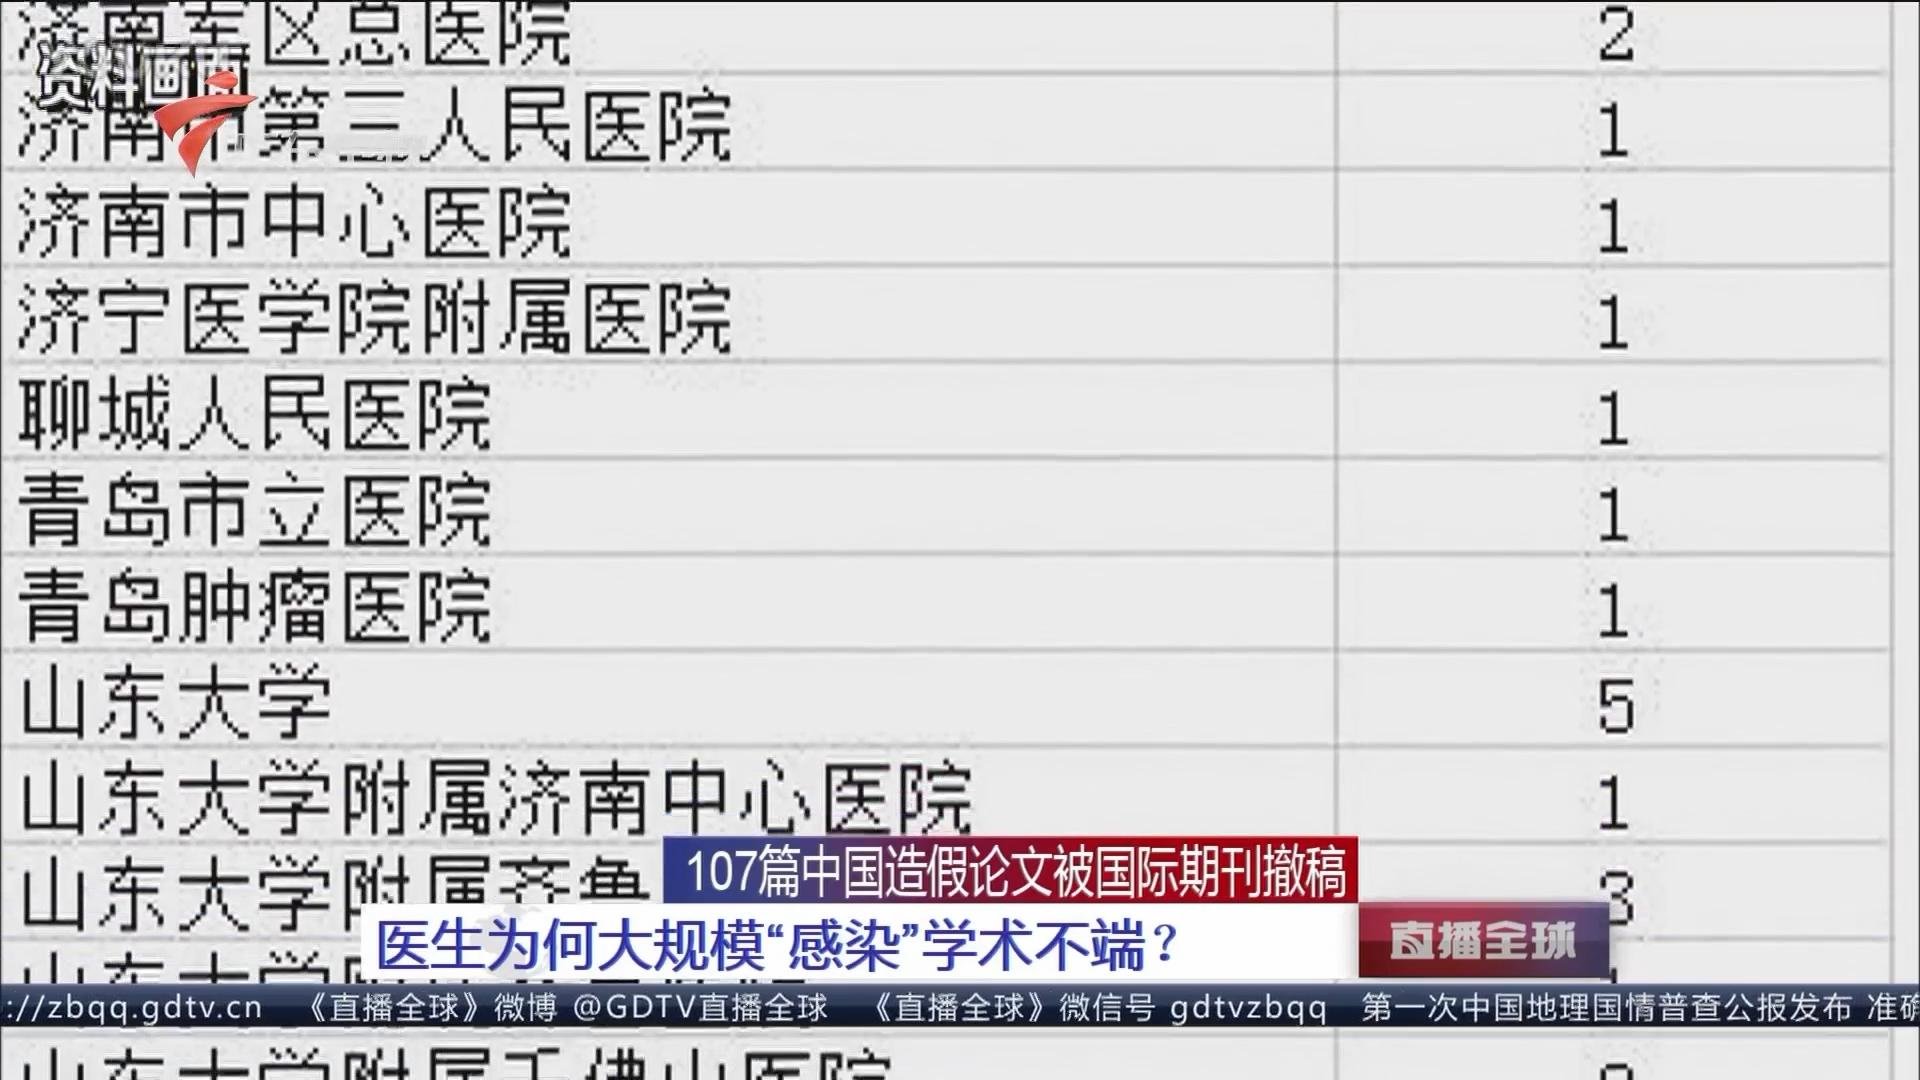 """107篇中国造假论文被国际期刊撤稿 医生为何大规模""""感染""""学术不端?"""